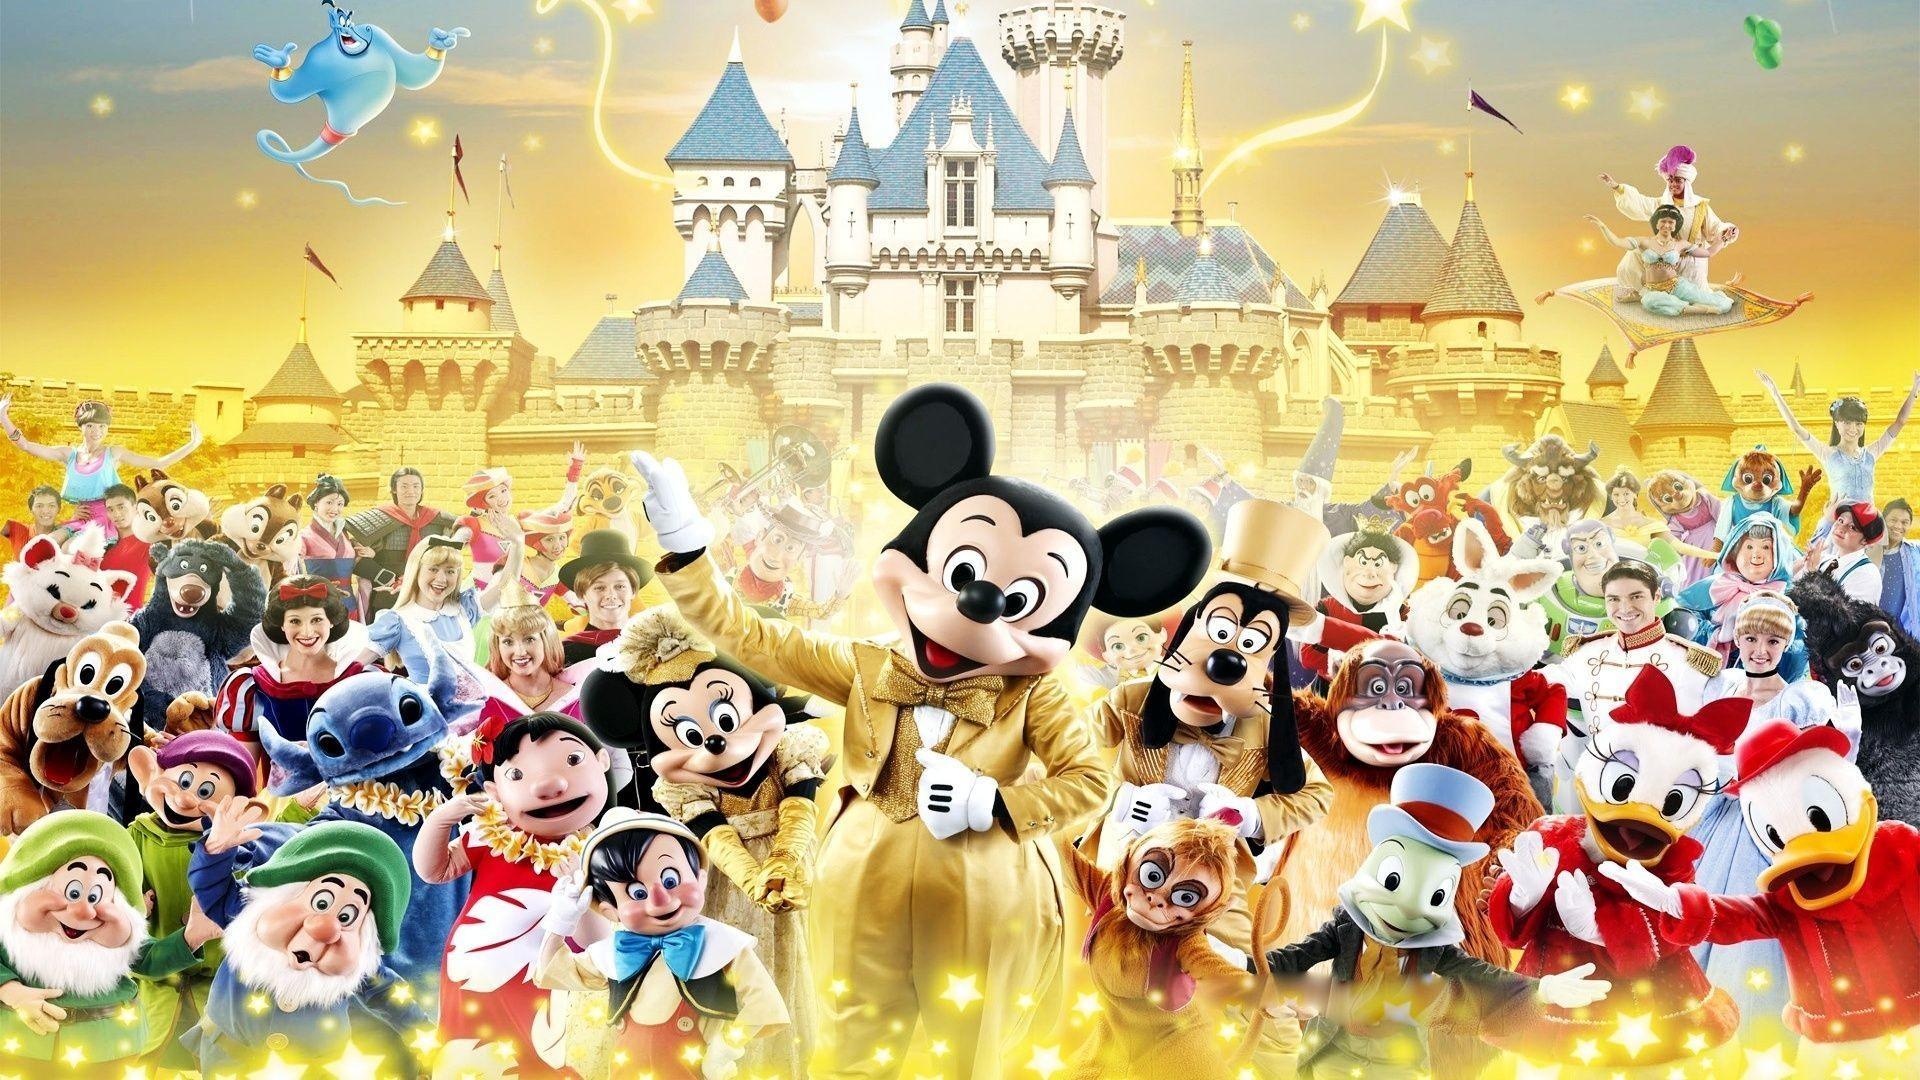 Free-Disney-Desktop-Backgrounds-HD.jpg